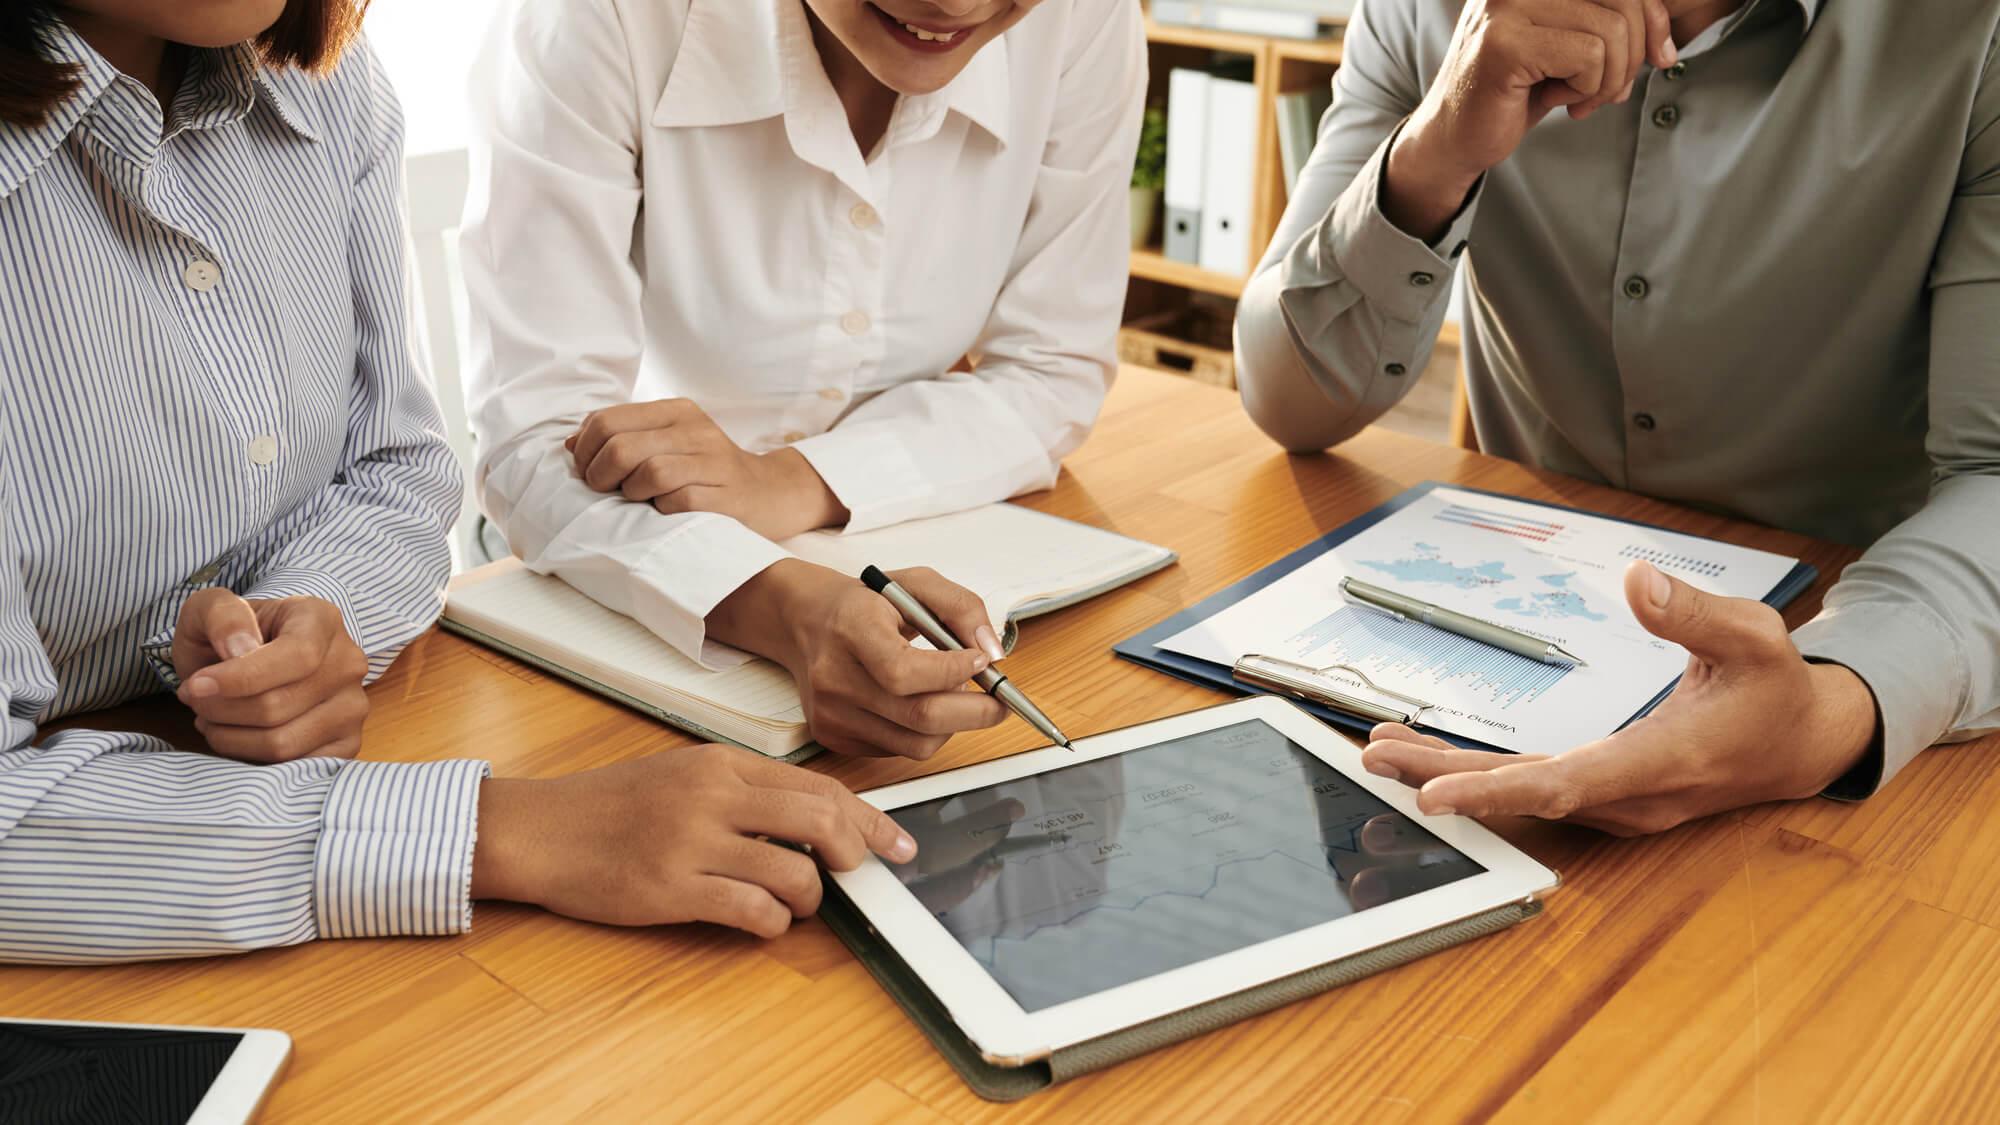 Descubra como a tecnologia pode auxiliar na redução de custos em uma empresa